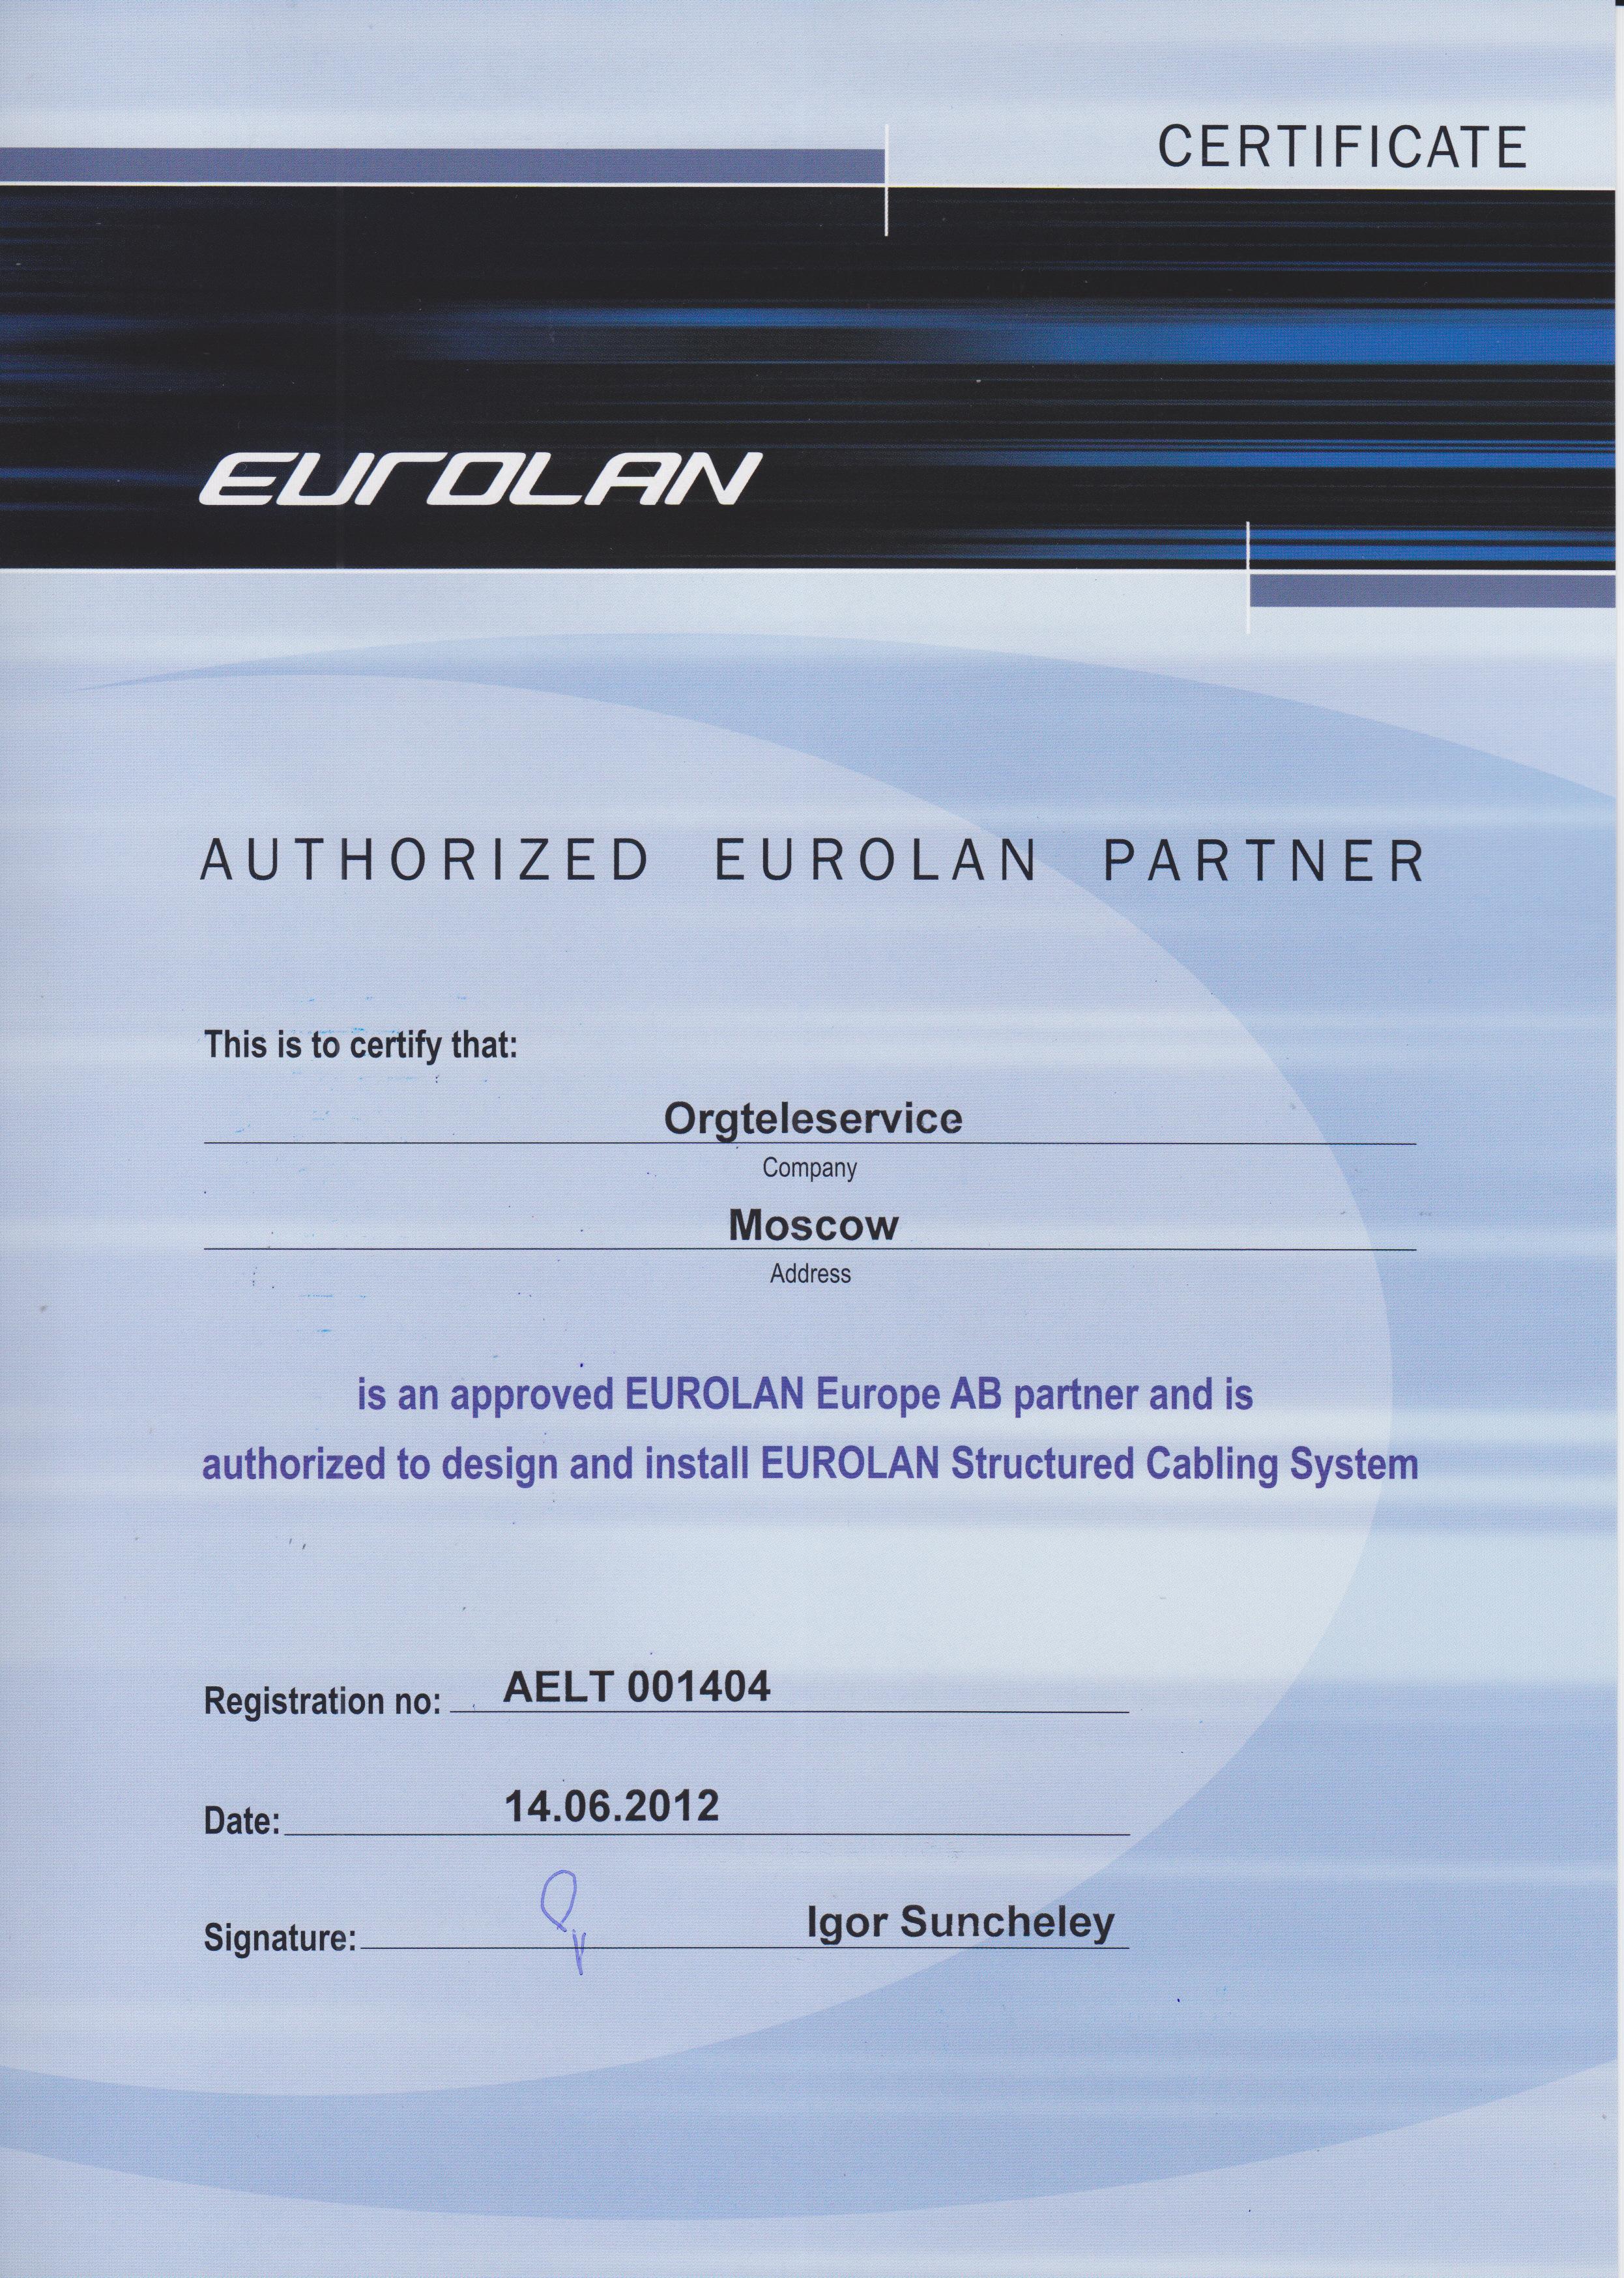 Eurolan2